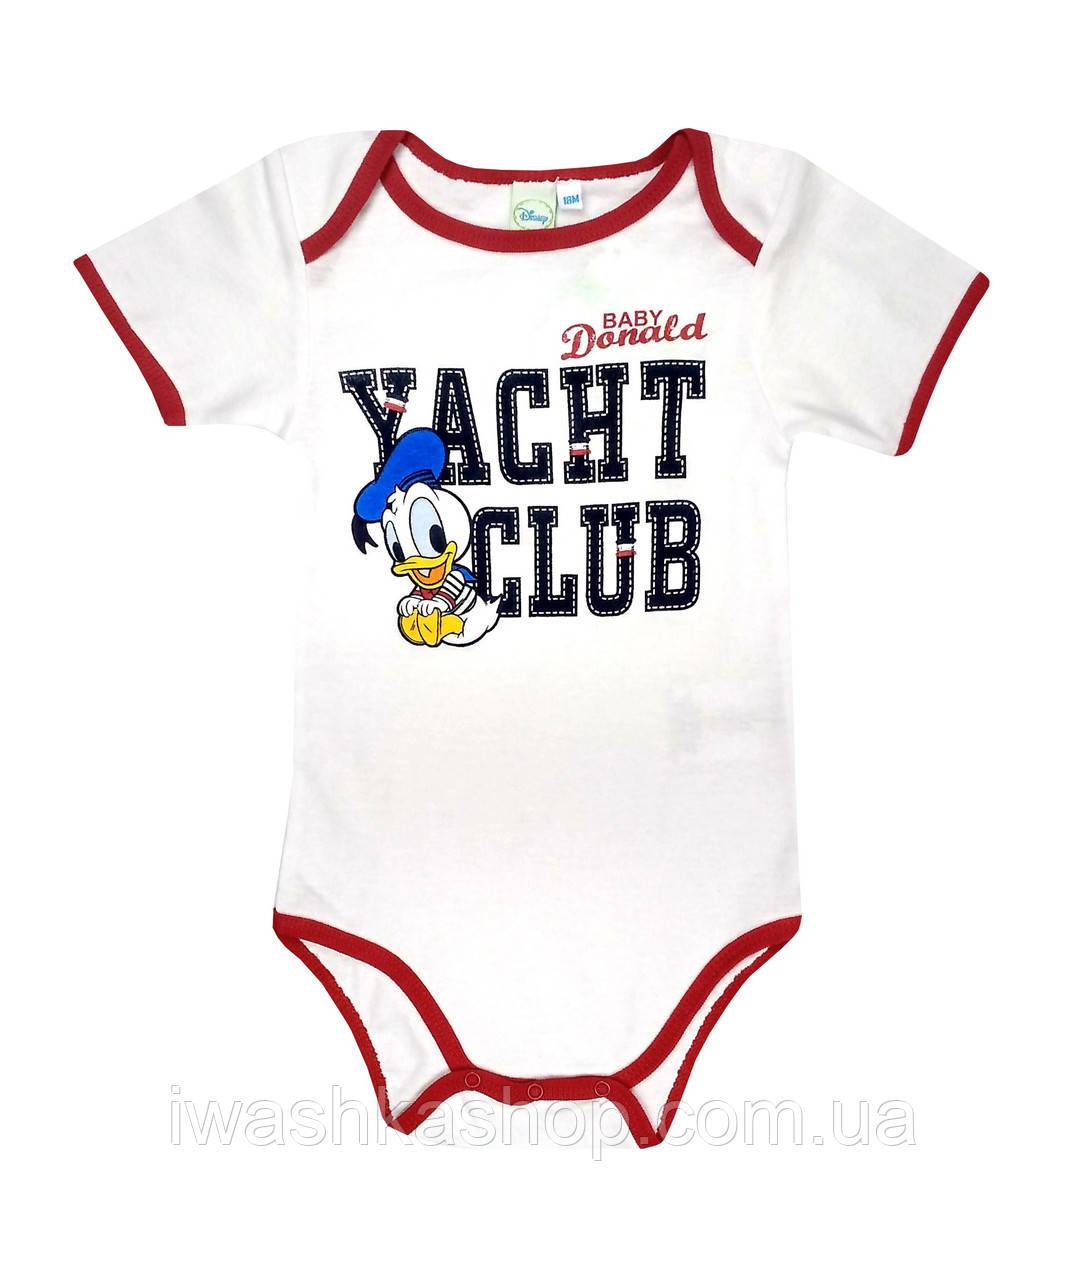 Стильное белое боди с коротким рукавом, с принтом Доналда Дака (Donald Duck) на мальчика 2 лет, Disney